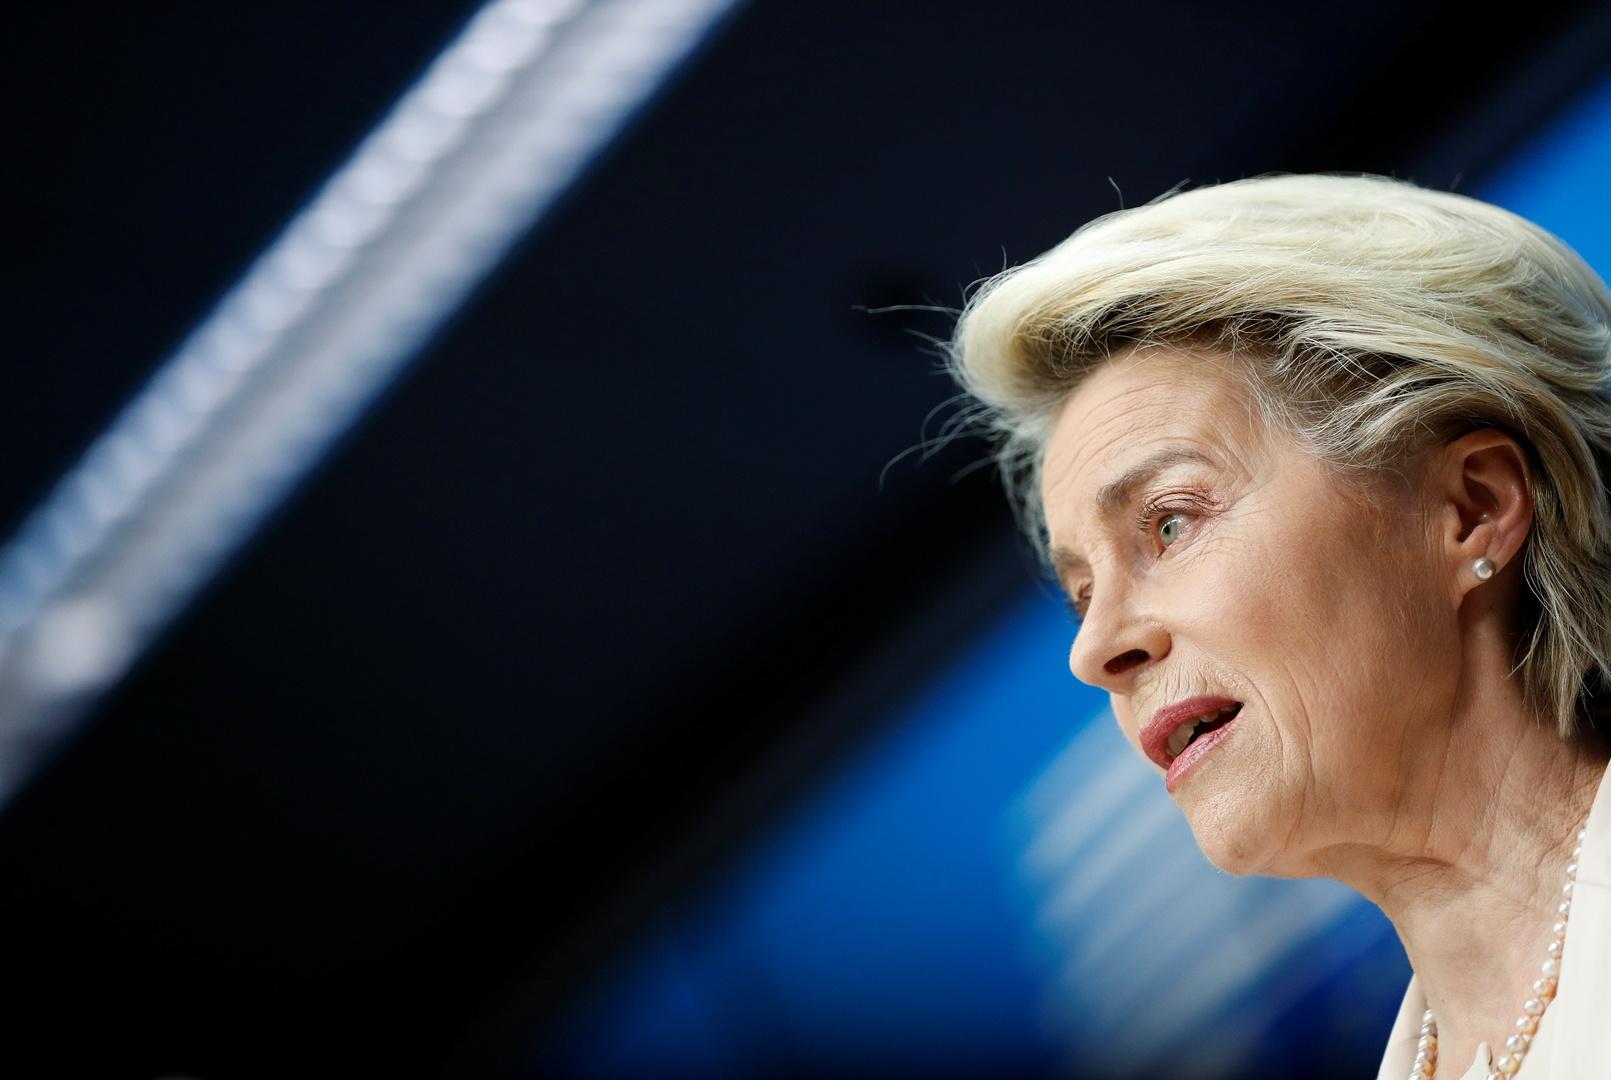 فون دير لاين: دول الاتحاد الأوروبي سوف تنتعش اقتصاديا بعد 18 شهرا